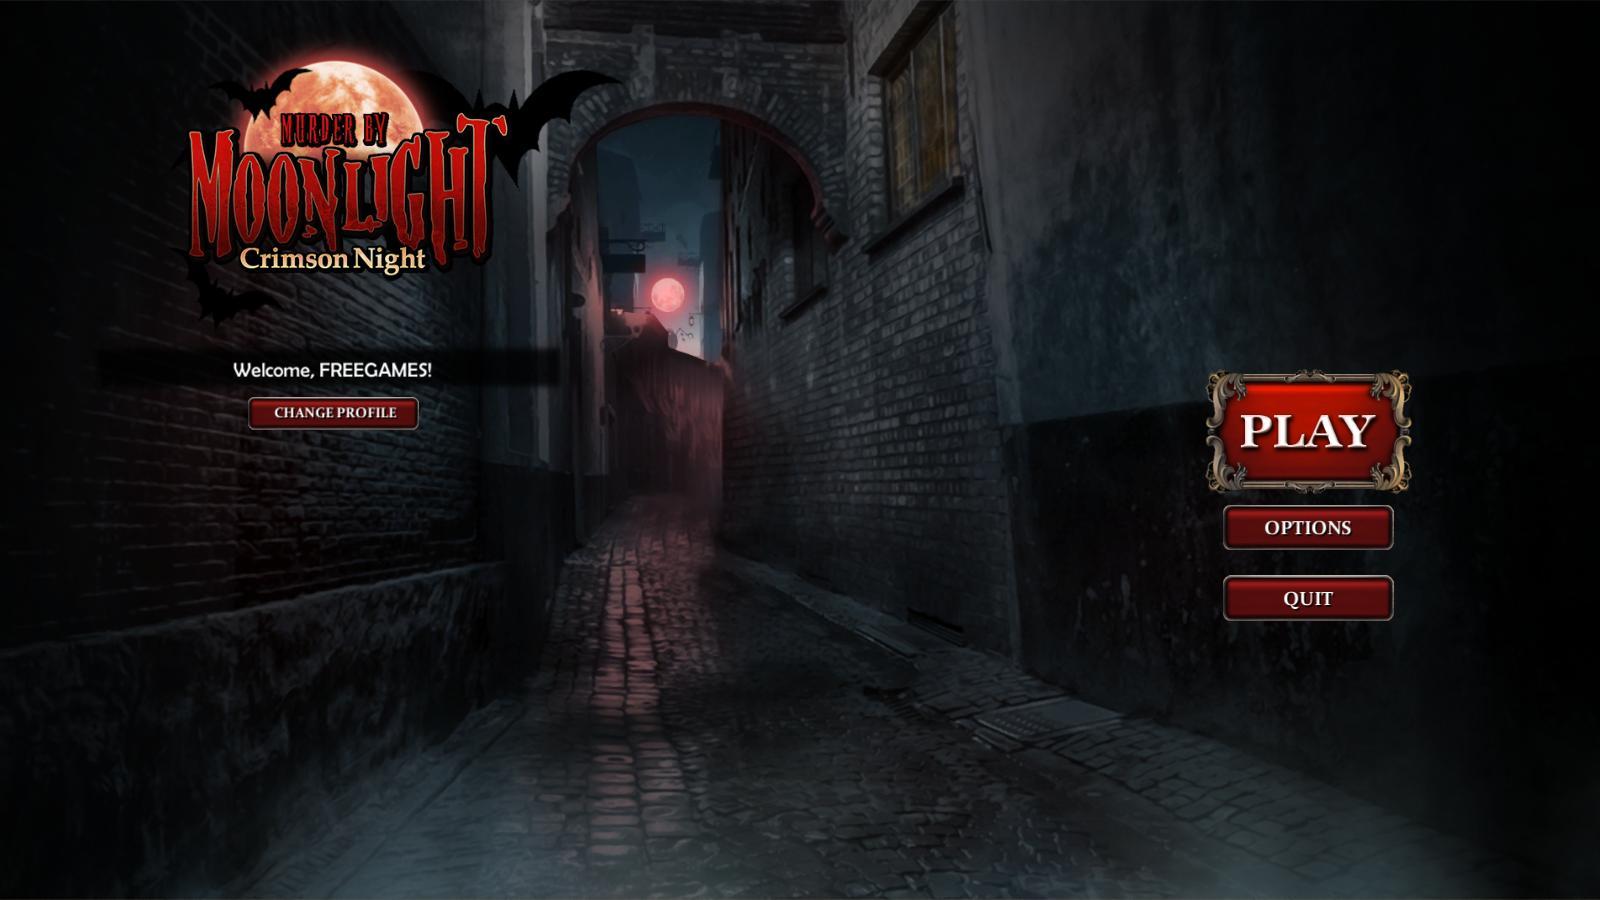 Убийство при лунном свете 2: Багровая ночь | Murder by Moonlight 2: Crimson Night (En)